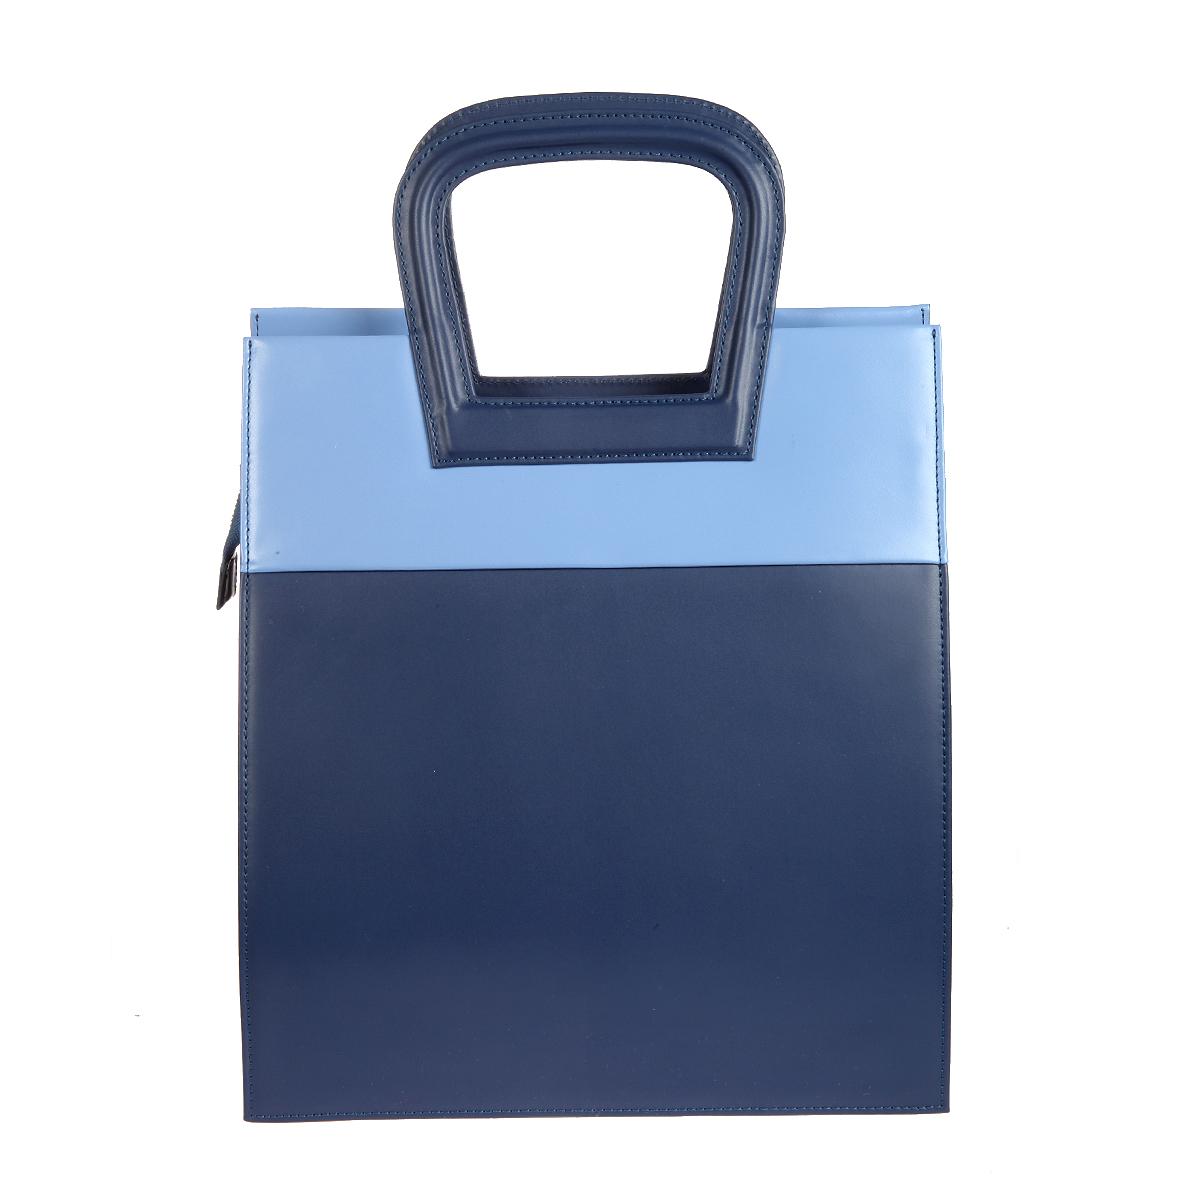 Сумка женская Gianni Conti, цвет: сине-голубой. 843791E843791E blue multiСтильная женская сумка Gianni Conti выполнена из натуральной кожи. Сумка закрывается на застежку-молнию. Внутри состоит из одного большого отделения, а так же накладного кармашка на застежке-молнии и небольших накладных кармашков для мелочей и телефона. Сумка оснащена удобными ручками и съемным плечевым ремнем регулируемой длины. Фурнитура - серебристого цвета. К сумке прилагается фирменная сумка-чехол для хранения. Сумка - это стильный аксессуар, который подчеркнет вашу индивидуальность и сделает ваш образ завершенным.